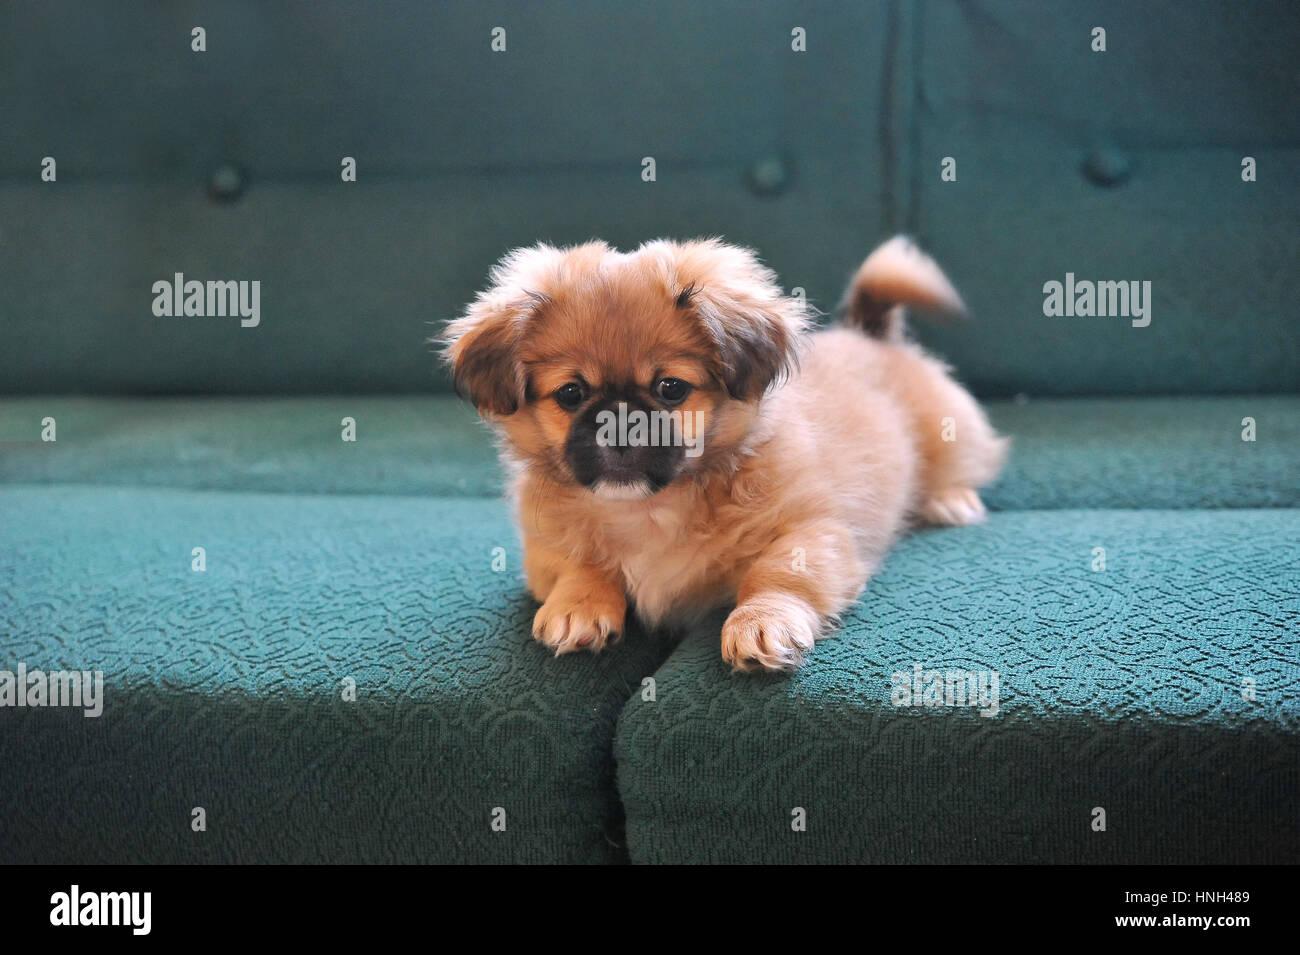 Pekinese Hund Mode Schöne Kleine Hunde Angezogen Und Posiert